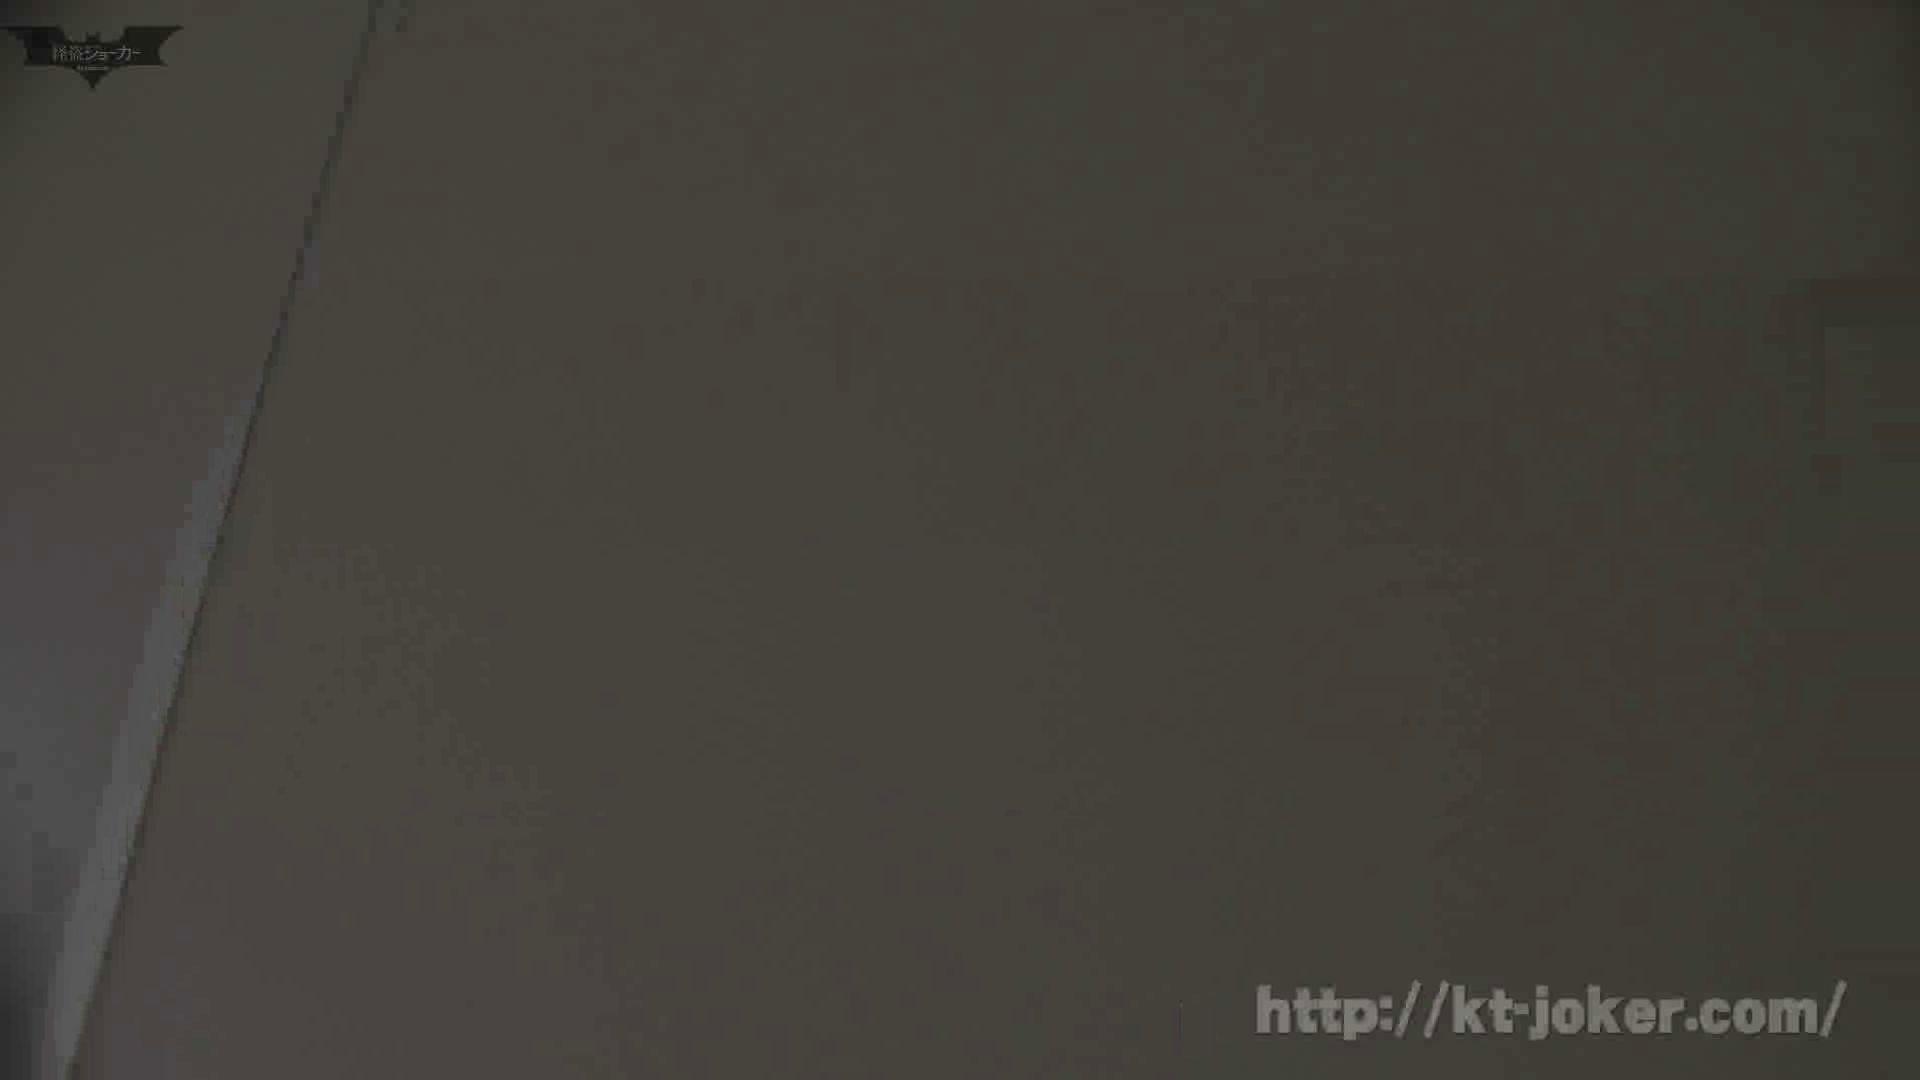 命がけ潜伏洗面所! vol.56 ピンチ!!「鏡の前で祈る女性」にばれる危機 洗面所はめどり | プライベート  57画像 43